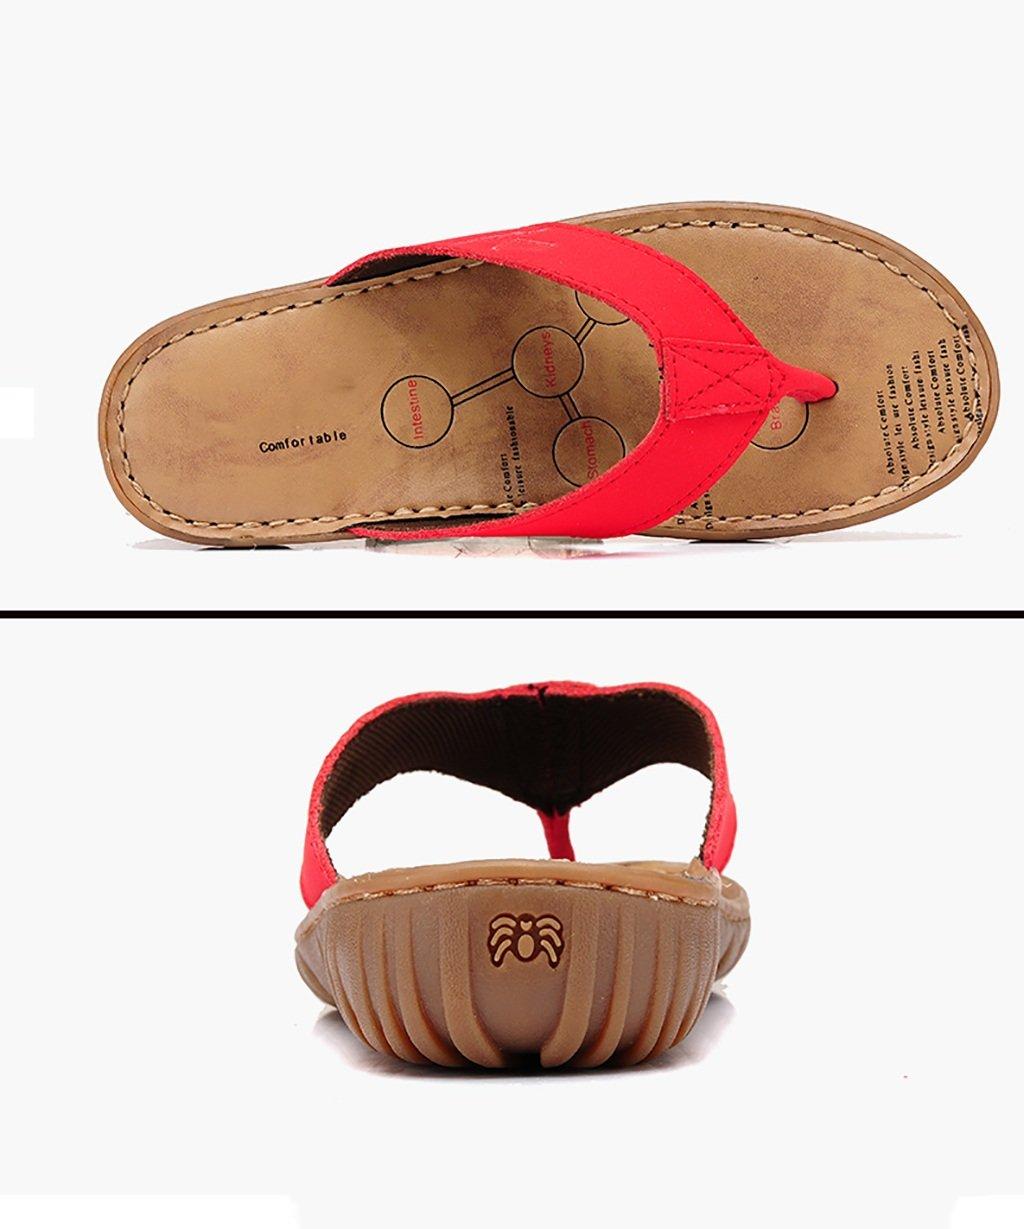 AJZGF Lässige Flip-Flops und Hausschuhe Stilvolle Weiche Sohlen mit Rutschfesten Rutschfesten Rutschfesten Mutterschaftssandalen Bequeme Flache Schuhe aus Rindsleder. (Farbe   C Größe   EU36 UK4-4.5 CN37) c1d1df